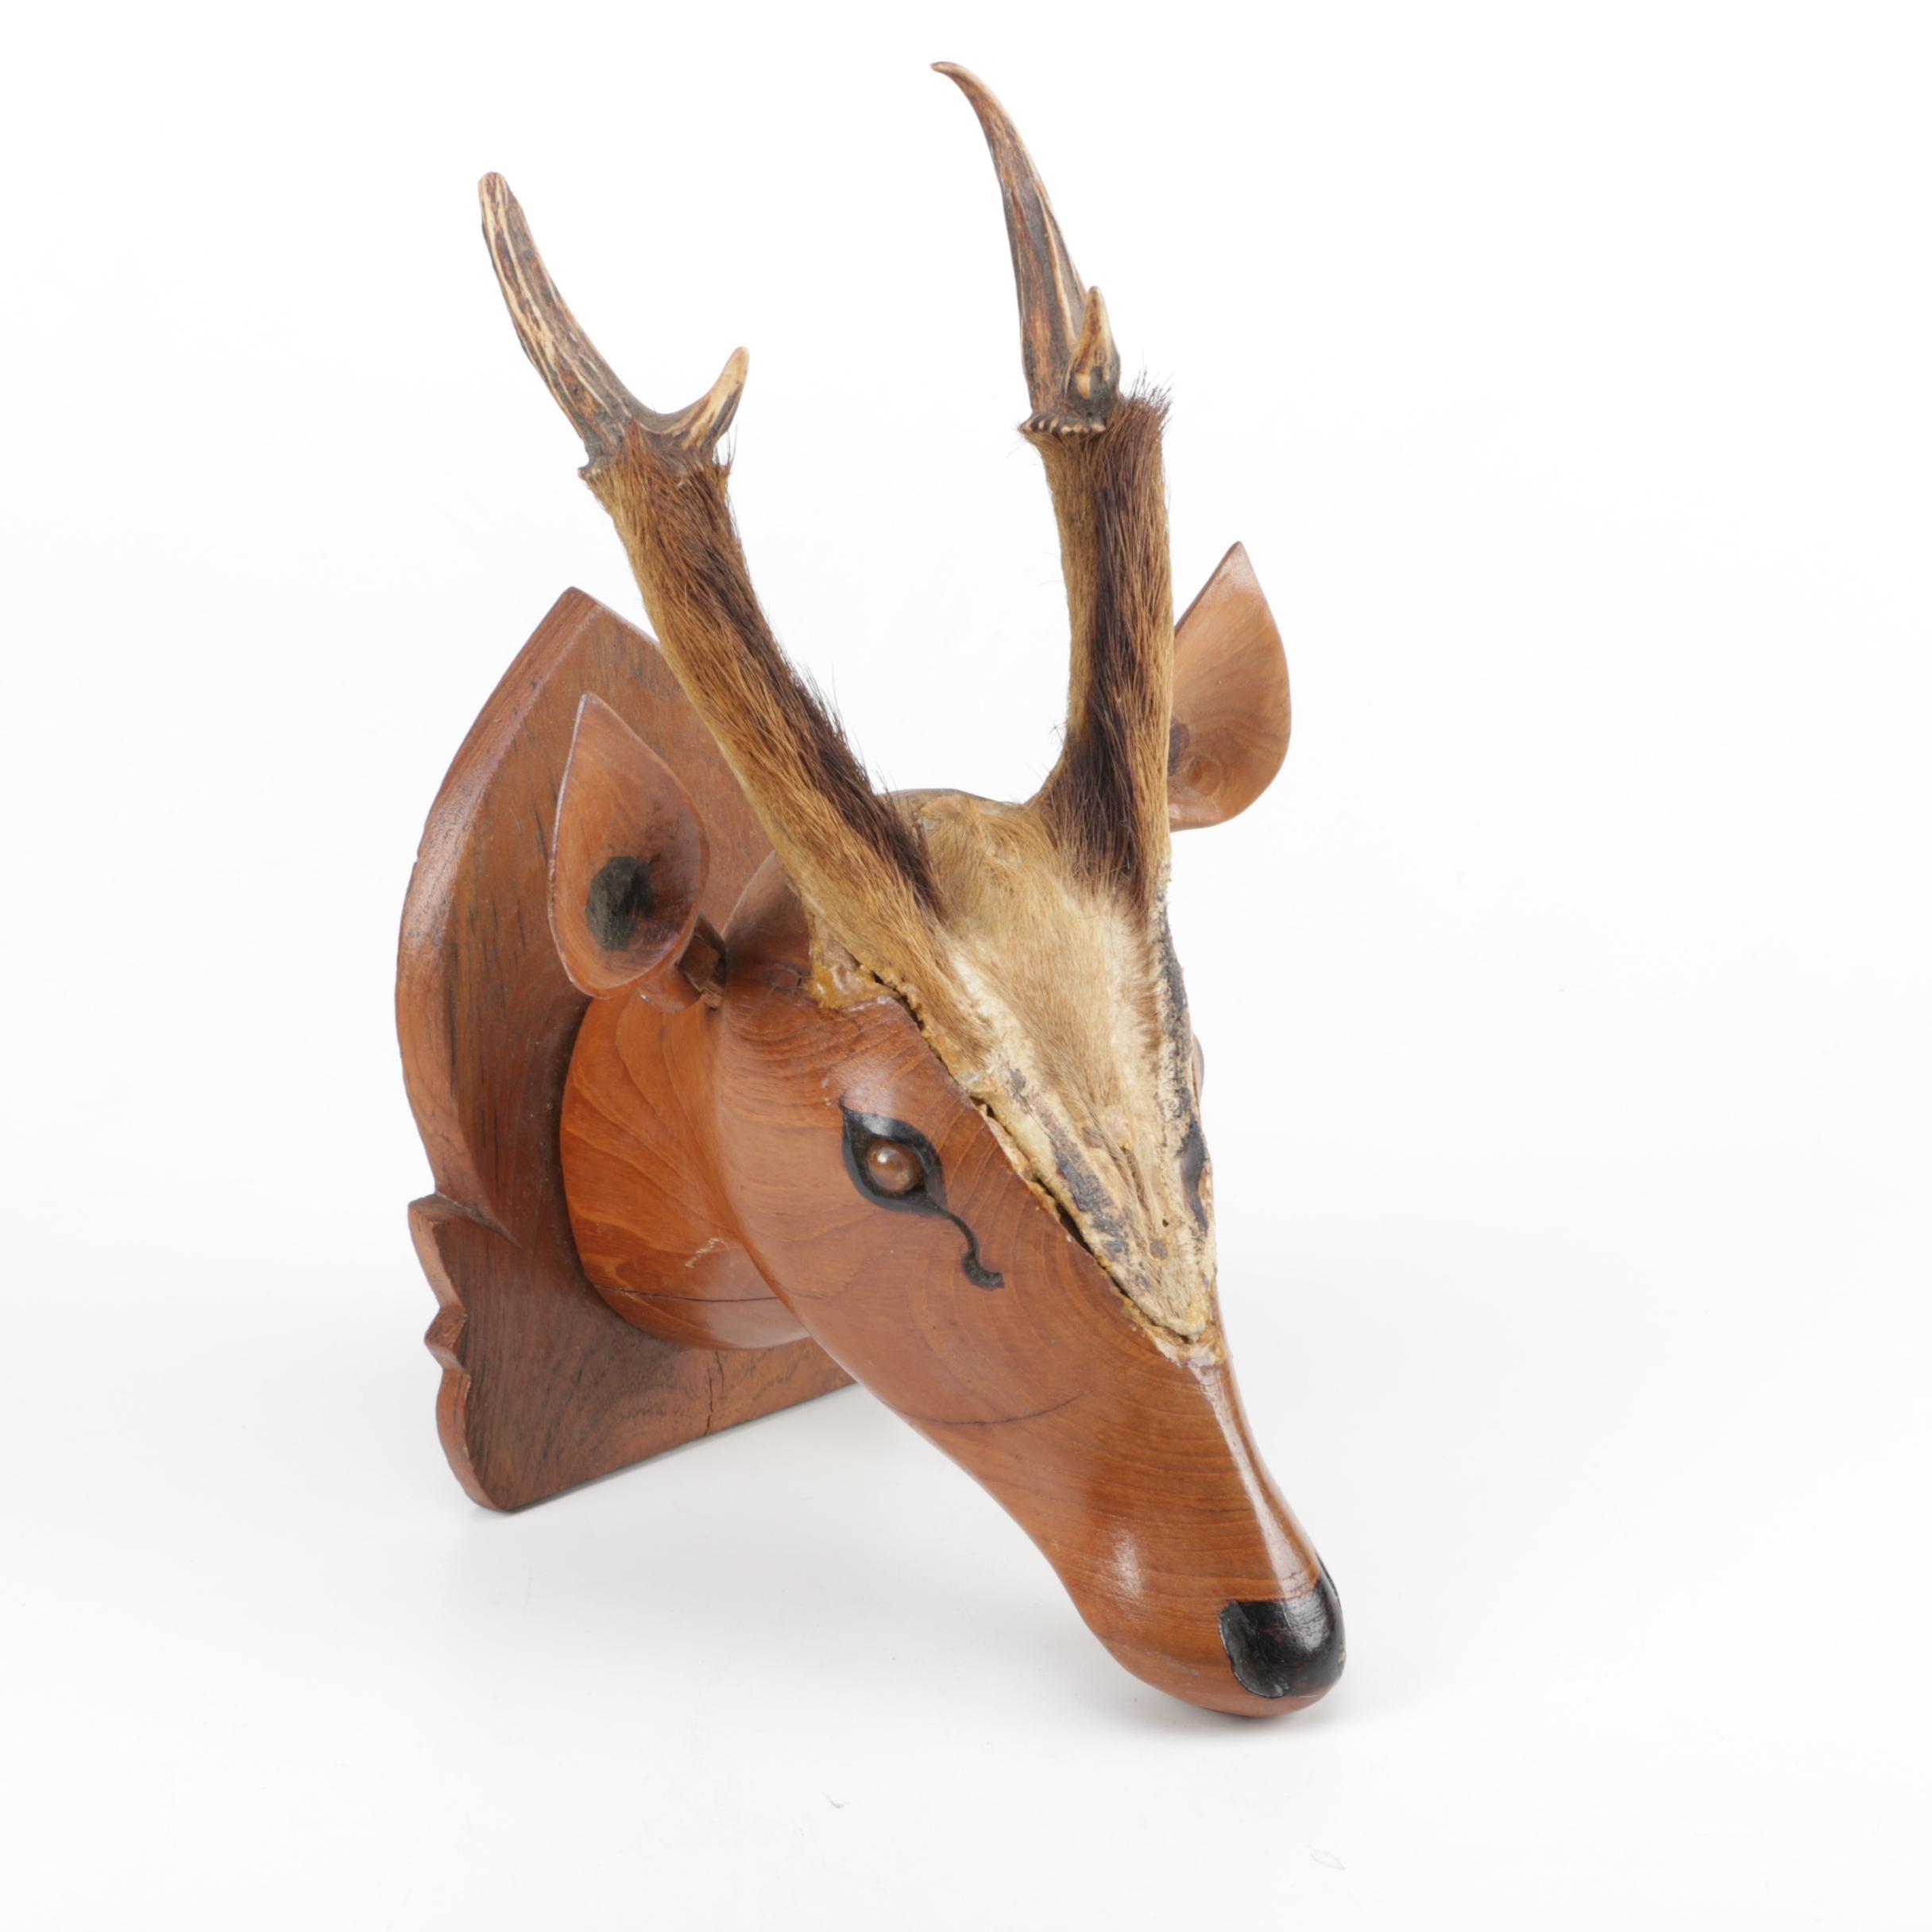 Carved Wood Deer Head Mount with Antlers